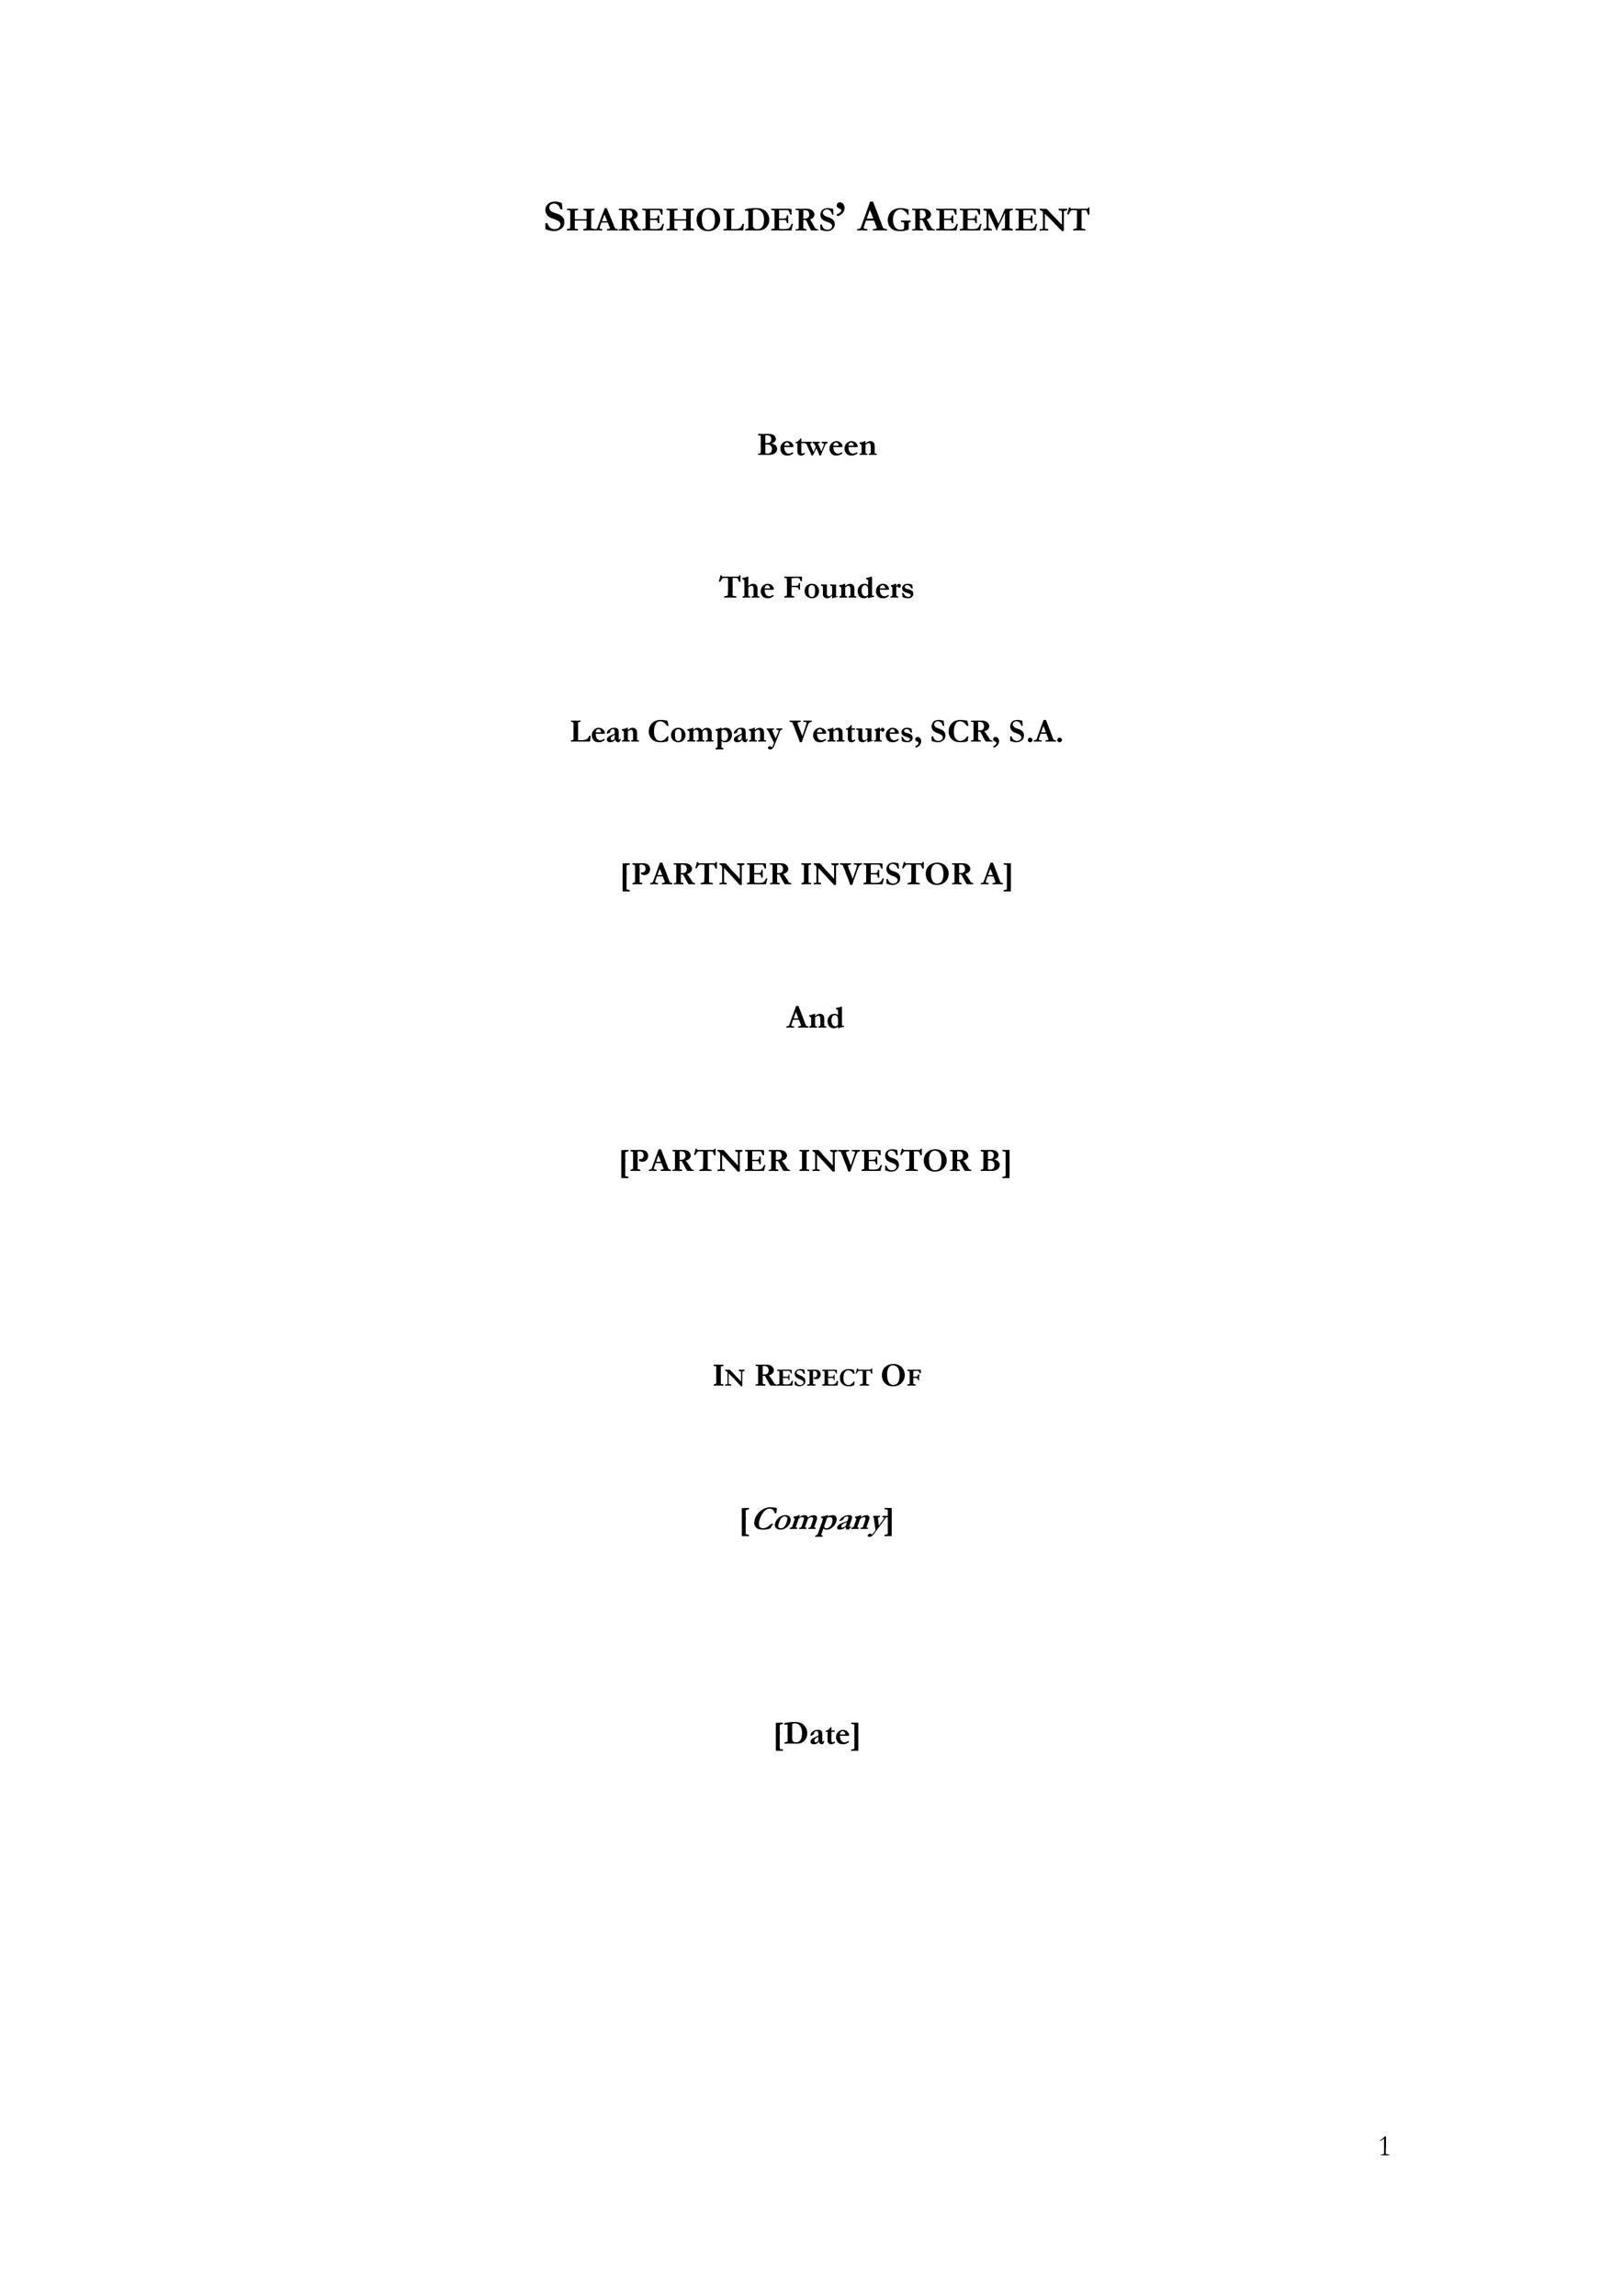 Free shareholder agreement 38